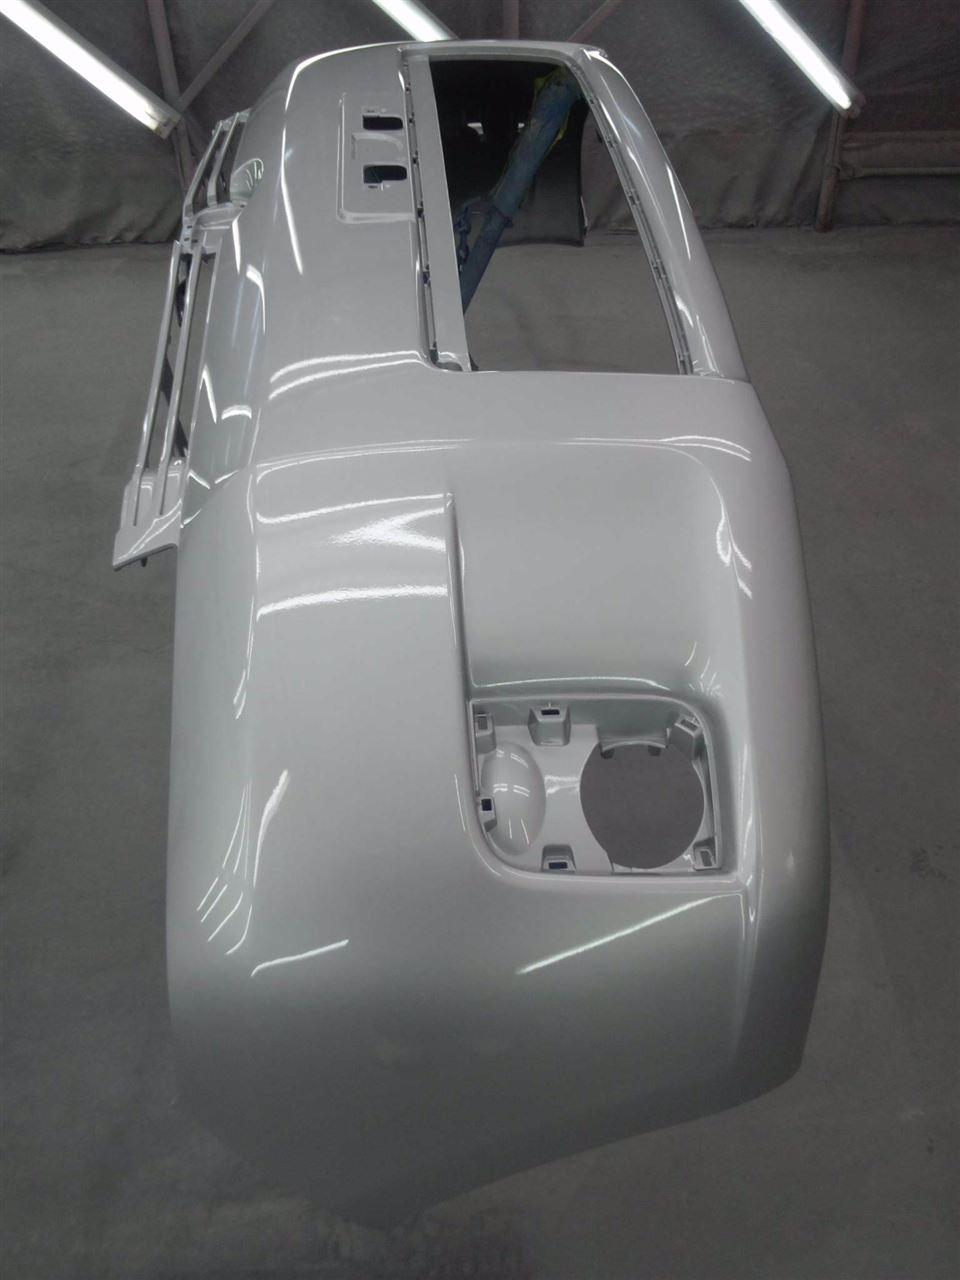 東京都立川市の車の板金塗装修理工場 ガレージローライドのトヨタ カローラ ルミオンの前まわり 左側面のキズ へこみ の板金 修理 塗装 です。